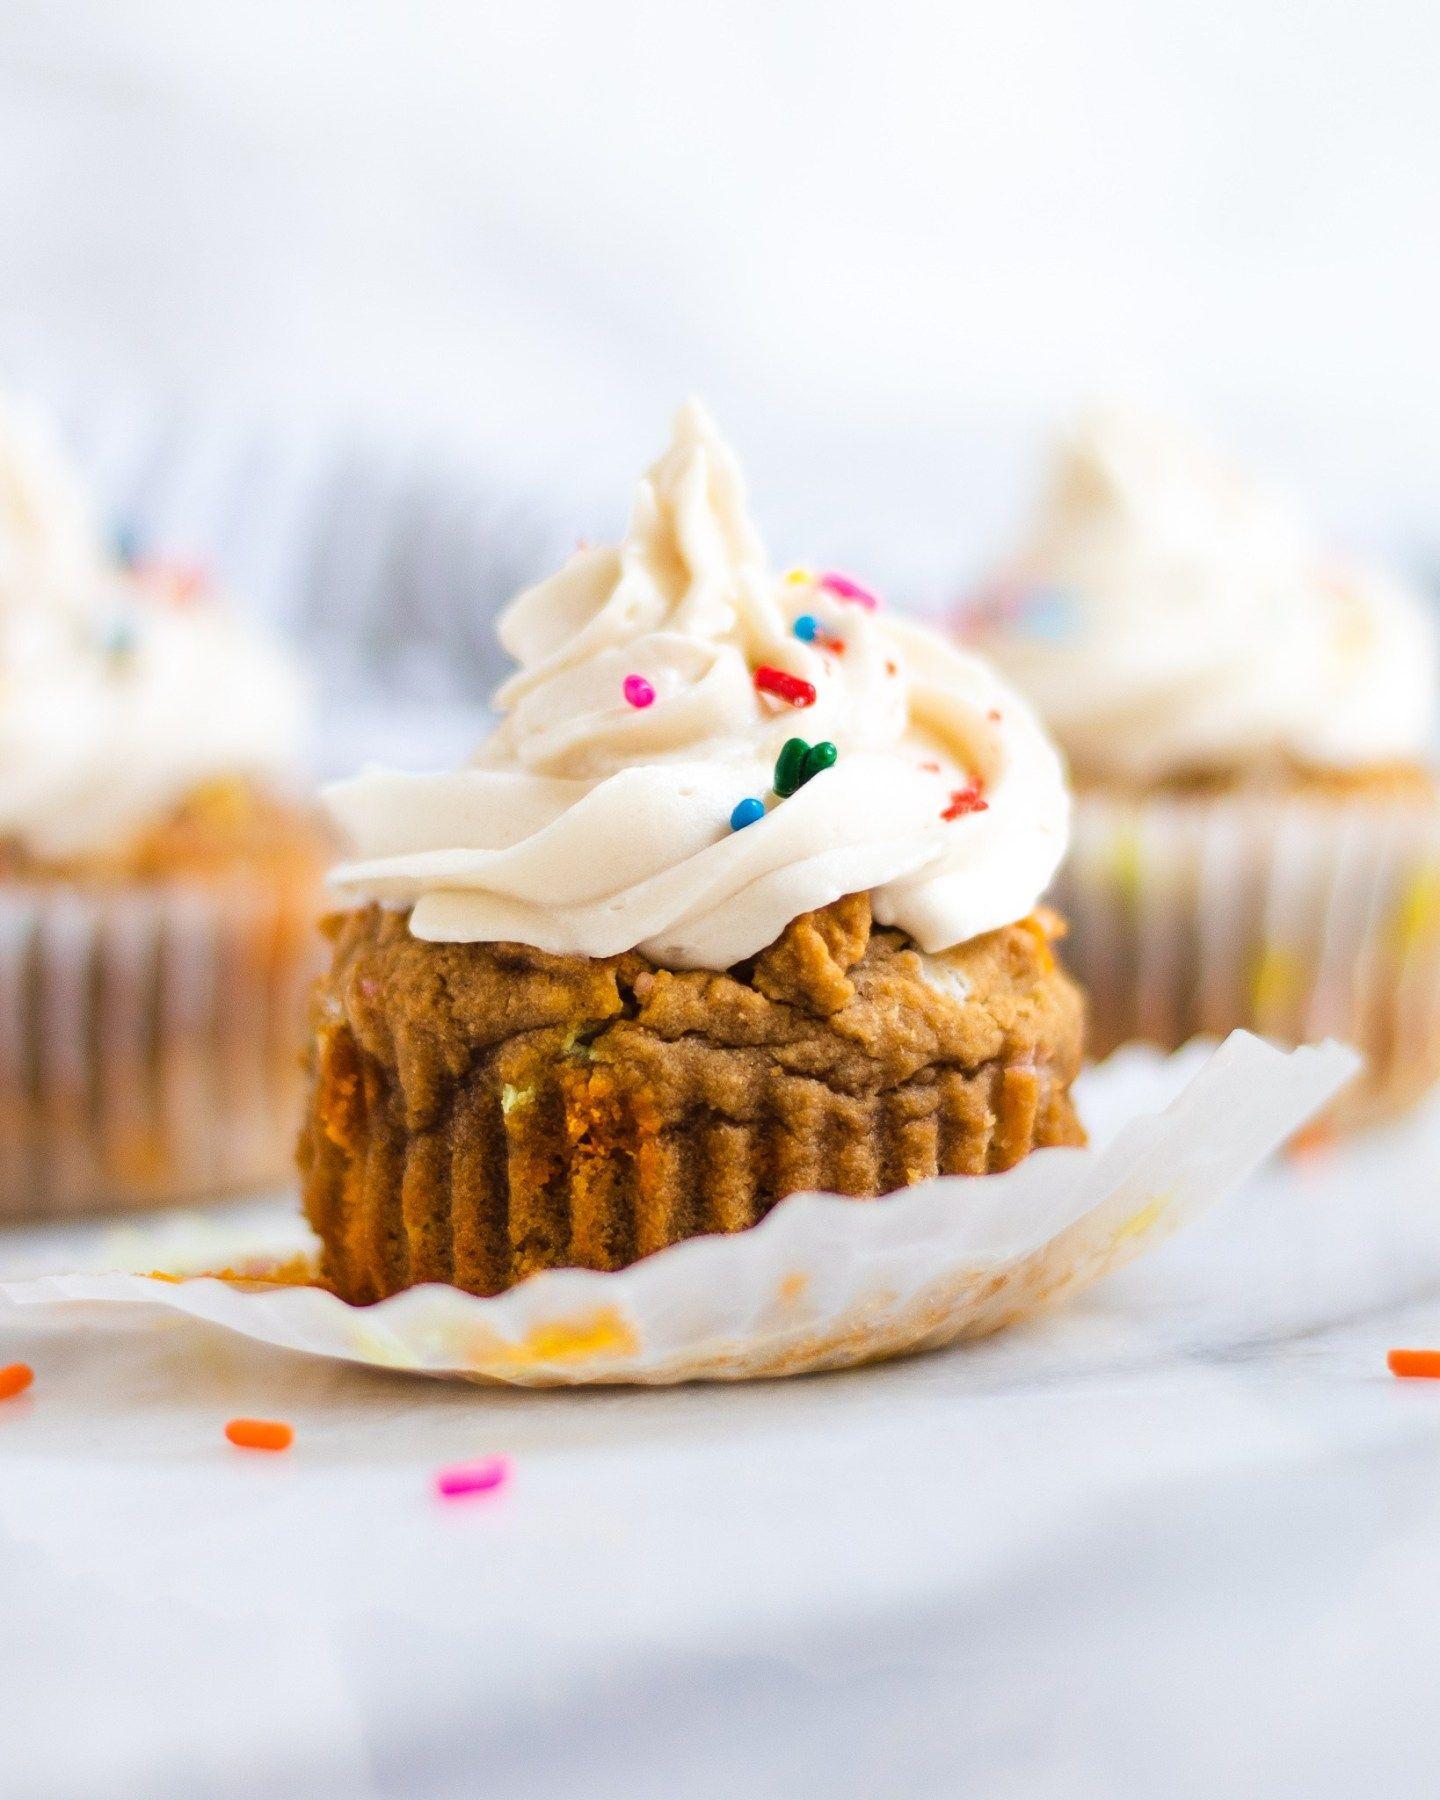 Vegan Vanilla Cupcakes Paleo The Banana Diaries Recipe Paleo Chocolate Cake Vegan Cupcake Recipes Gluten Free Cake Recipe